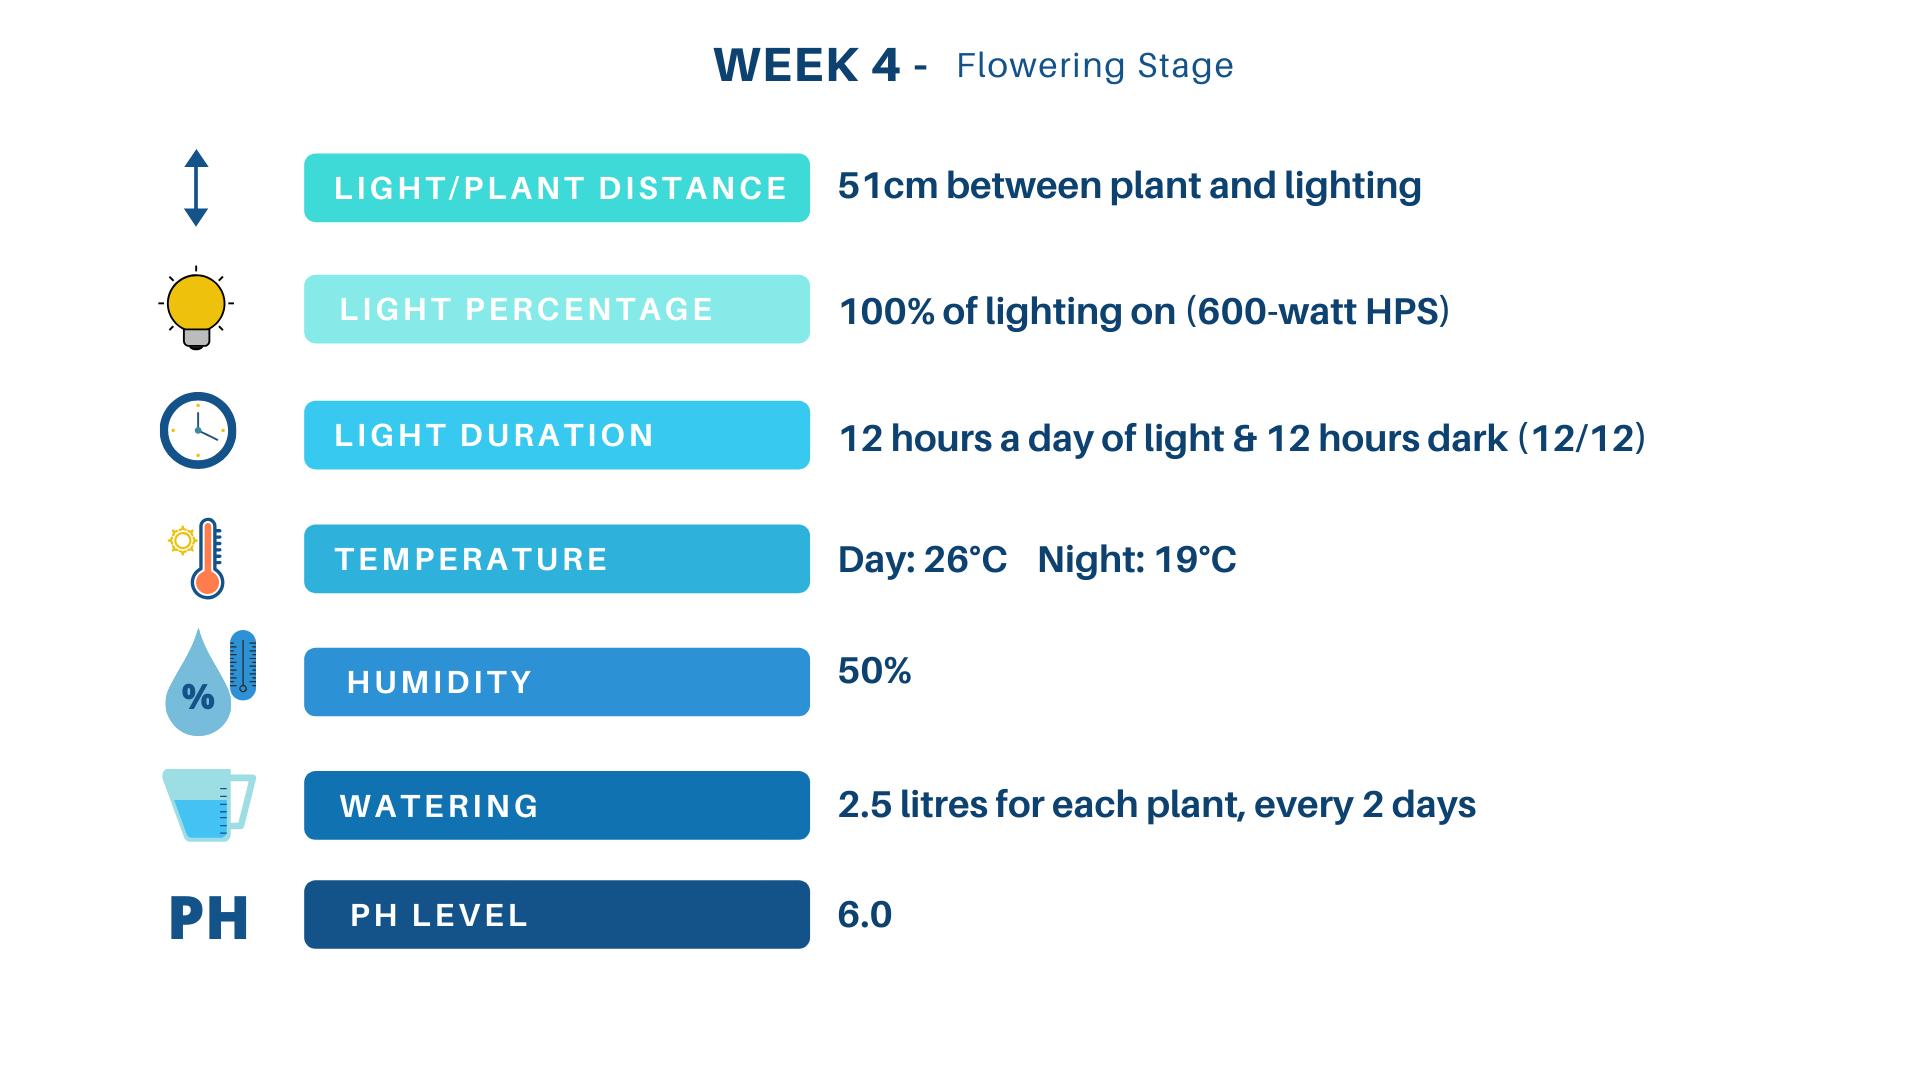 Grow schedule week 4 flowering stage